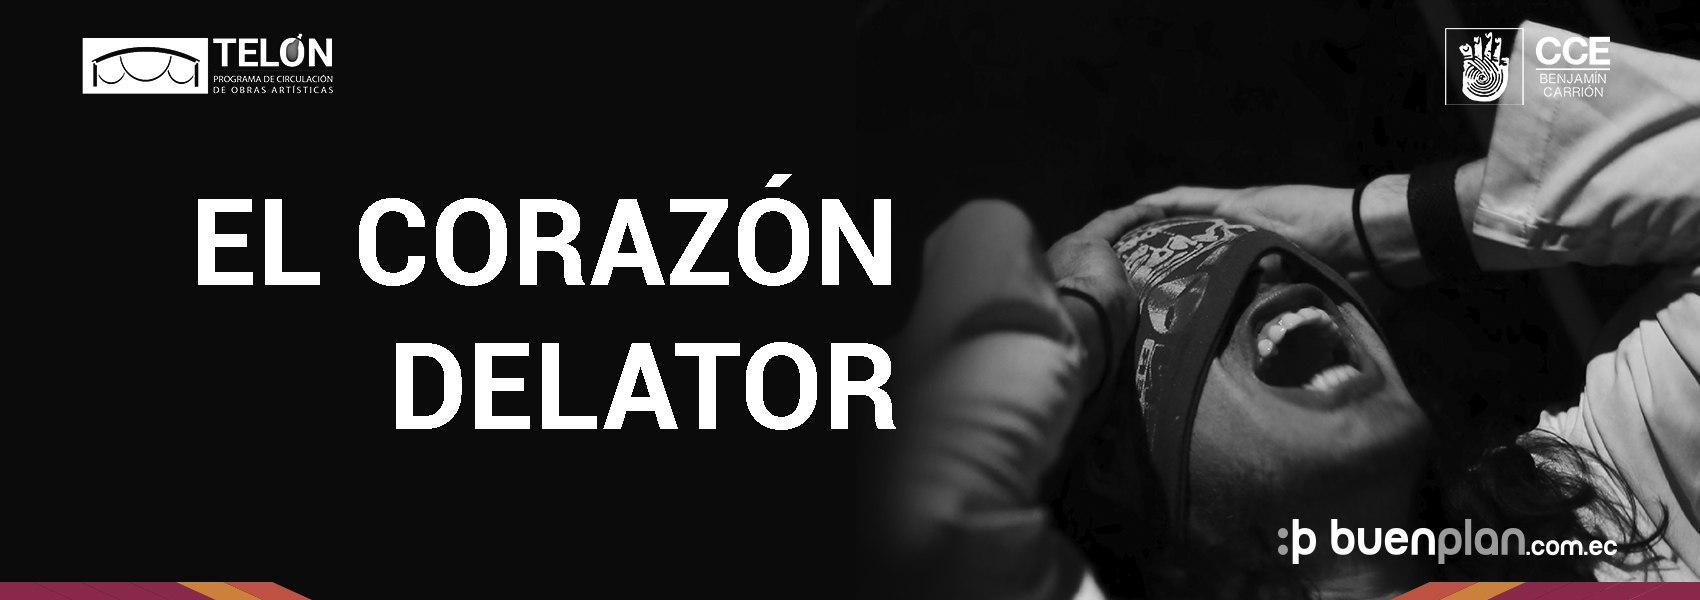 El Corazón Delator - 18 de Abril en Quito, BuenPlan